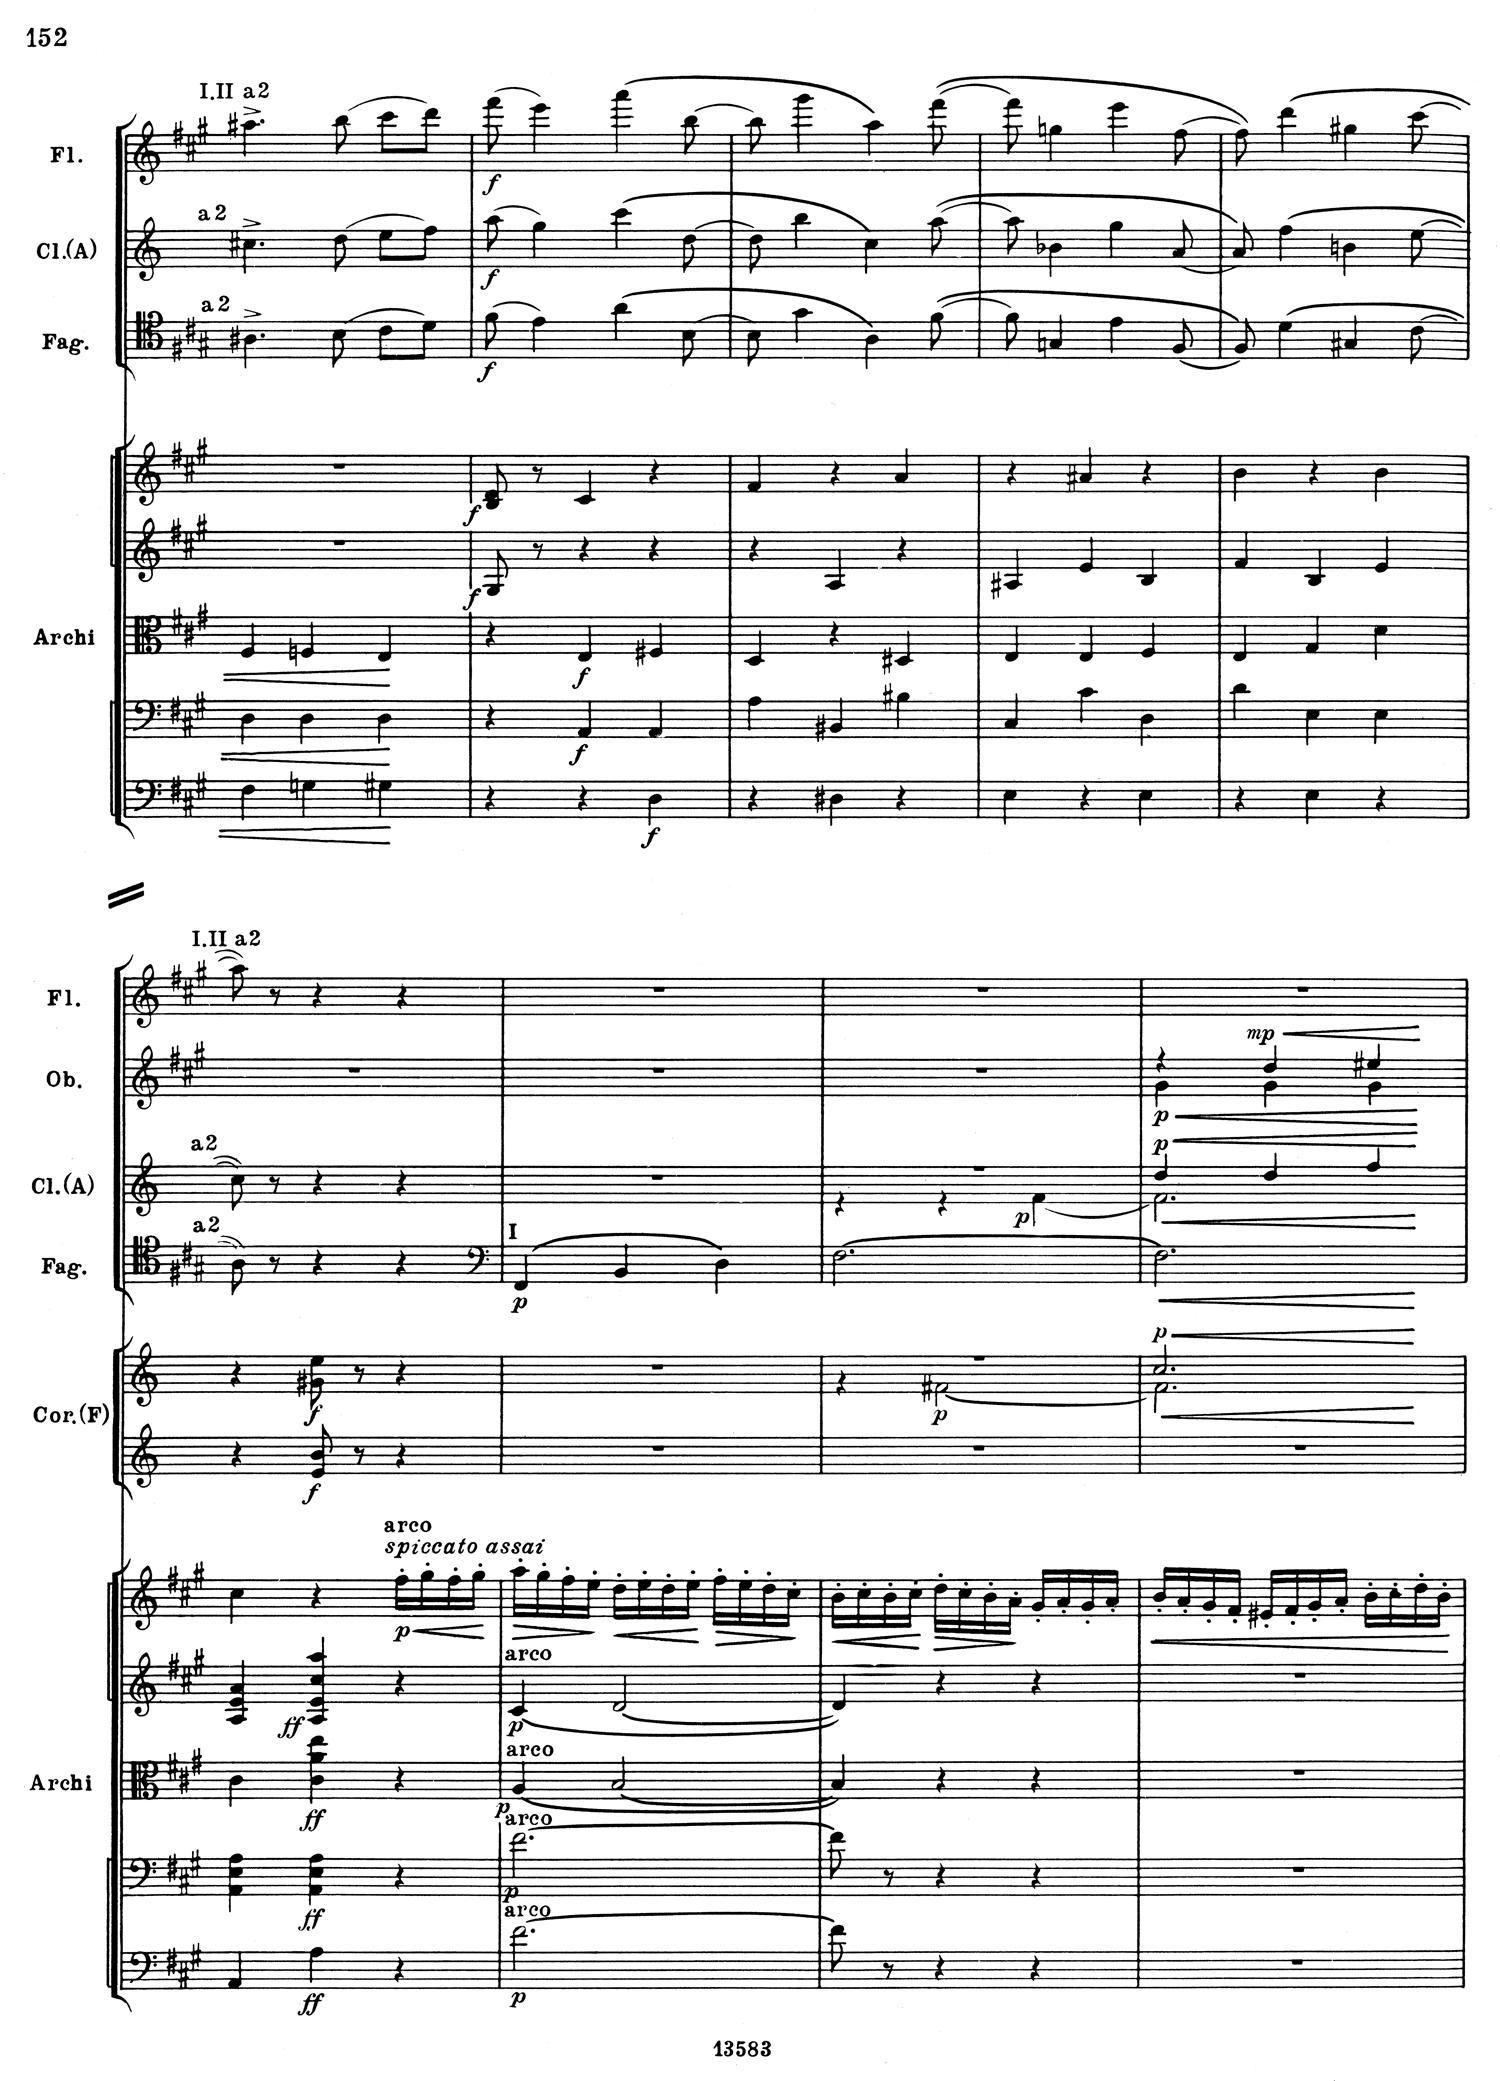 Tchaikovsky 5 Mvt 3 Score 7.jpg